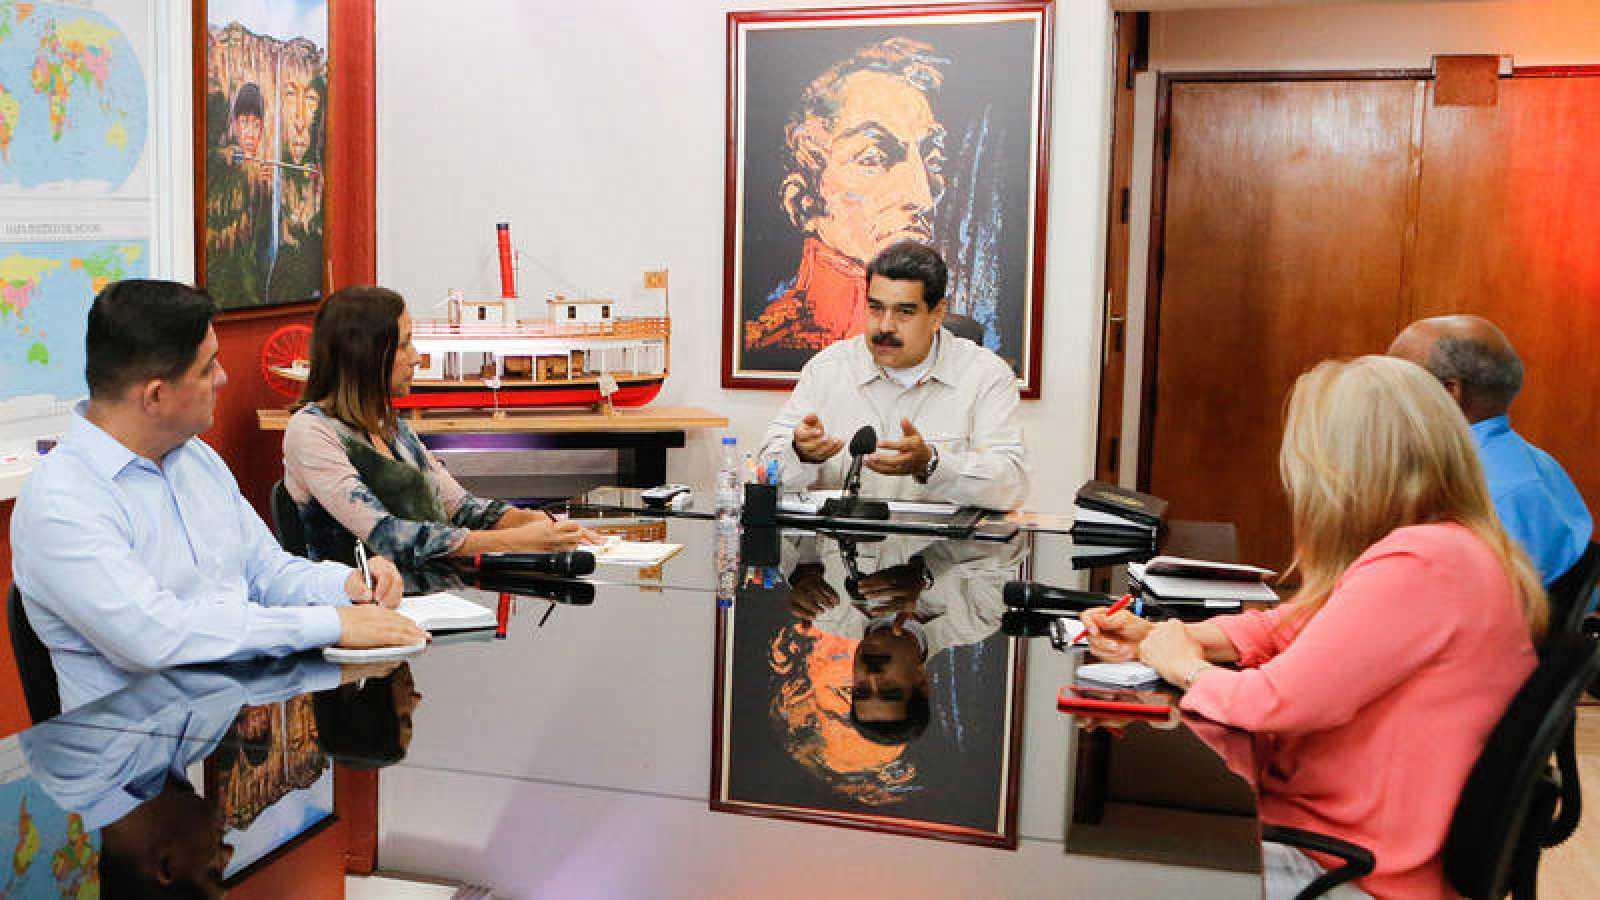 Maduro cambia al ministro de Energía Eléctrica en medio de la crisis por apagones